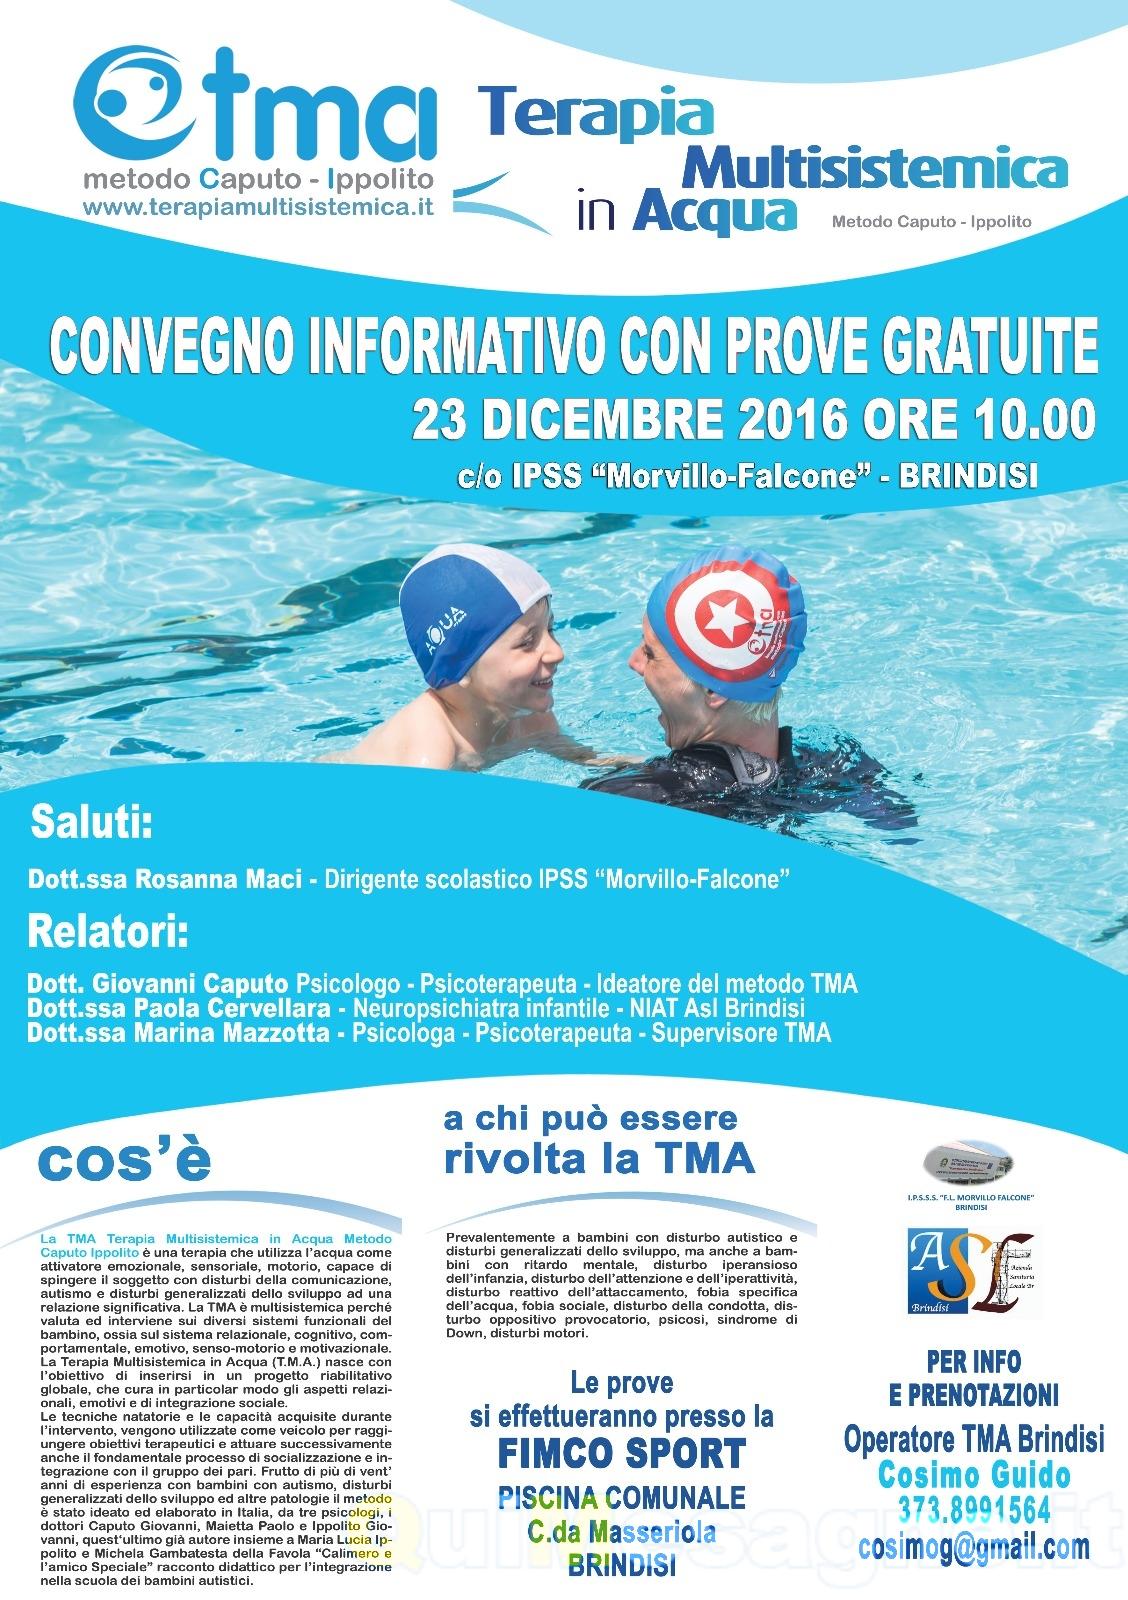 Convegno sulla Terapia Multisistemica in Acqua, Cosimo Guido operatore in Provincia